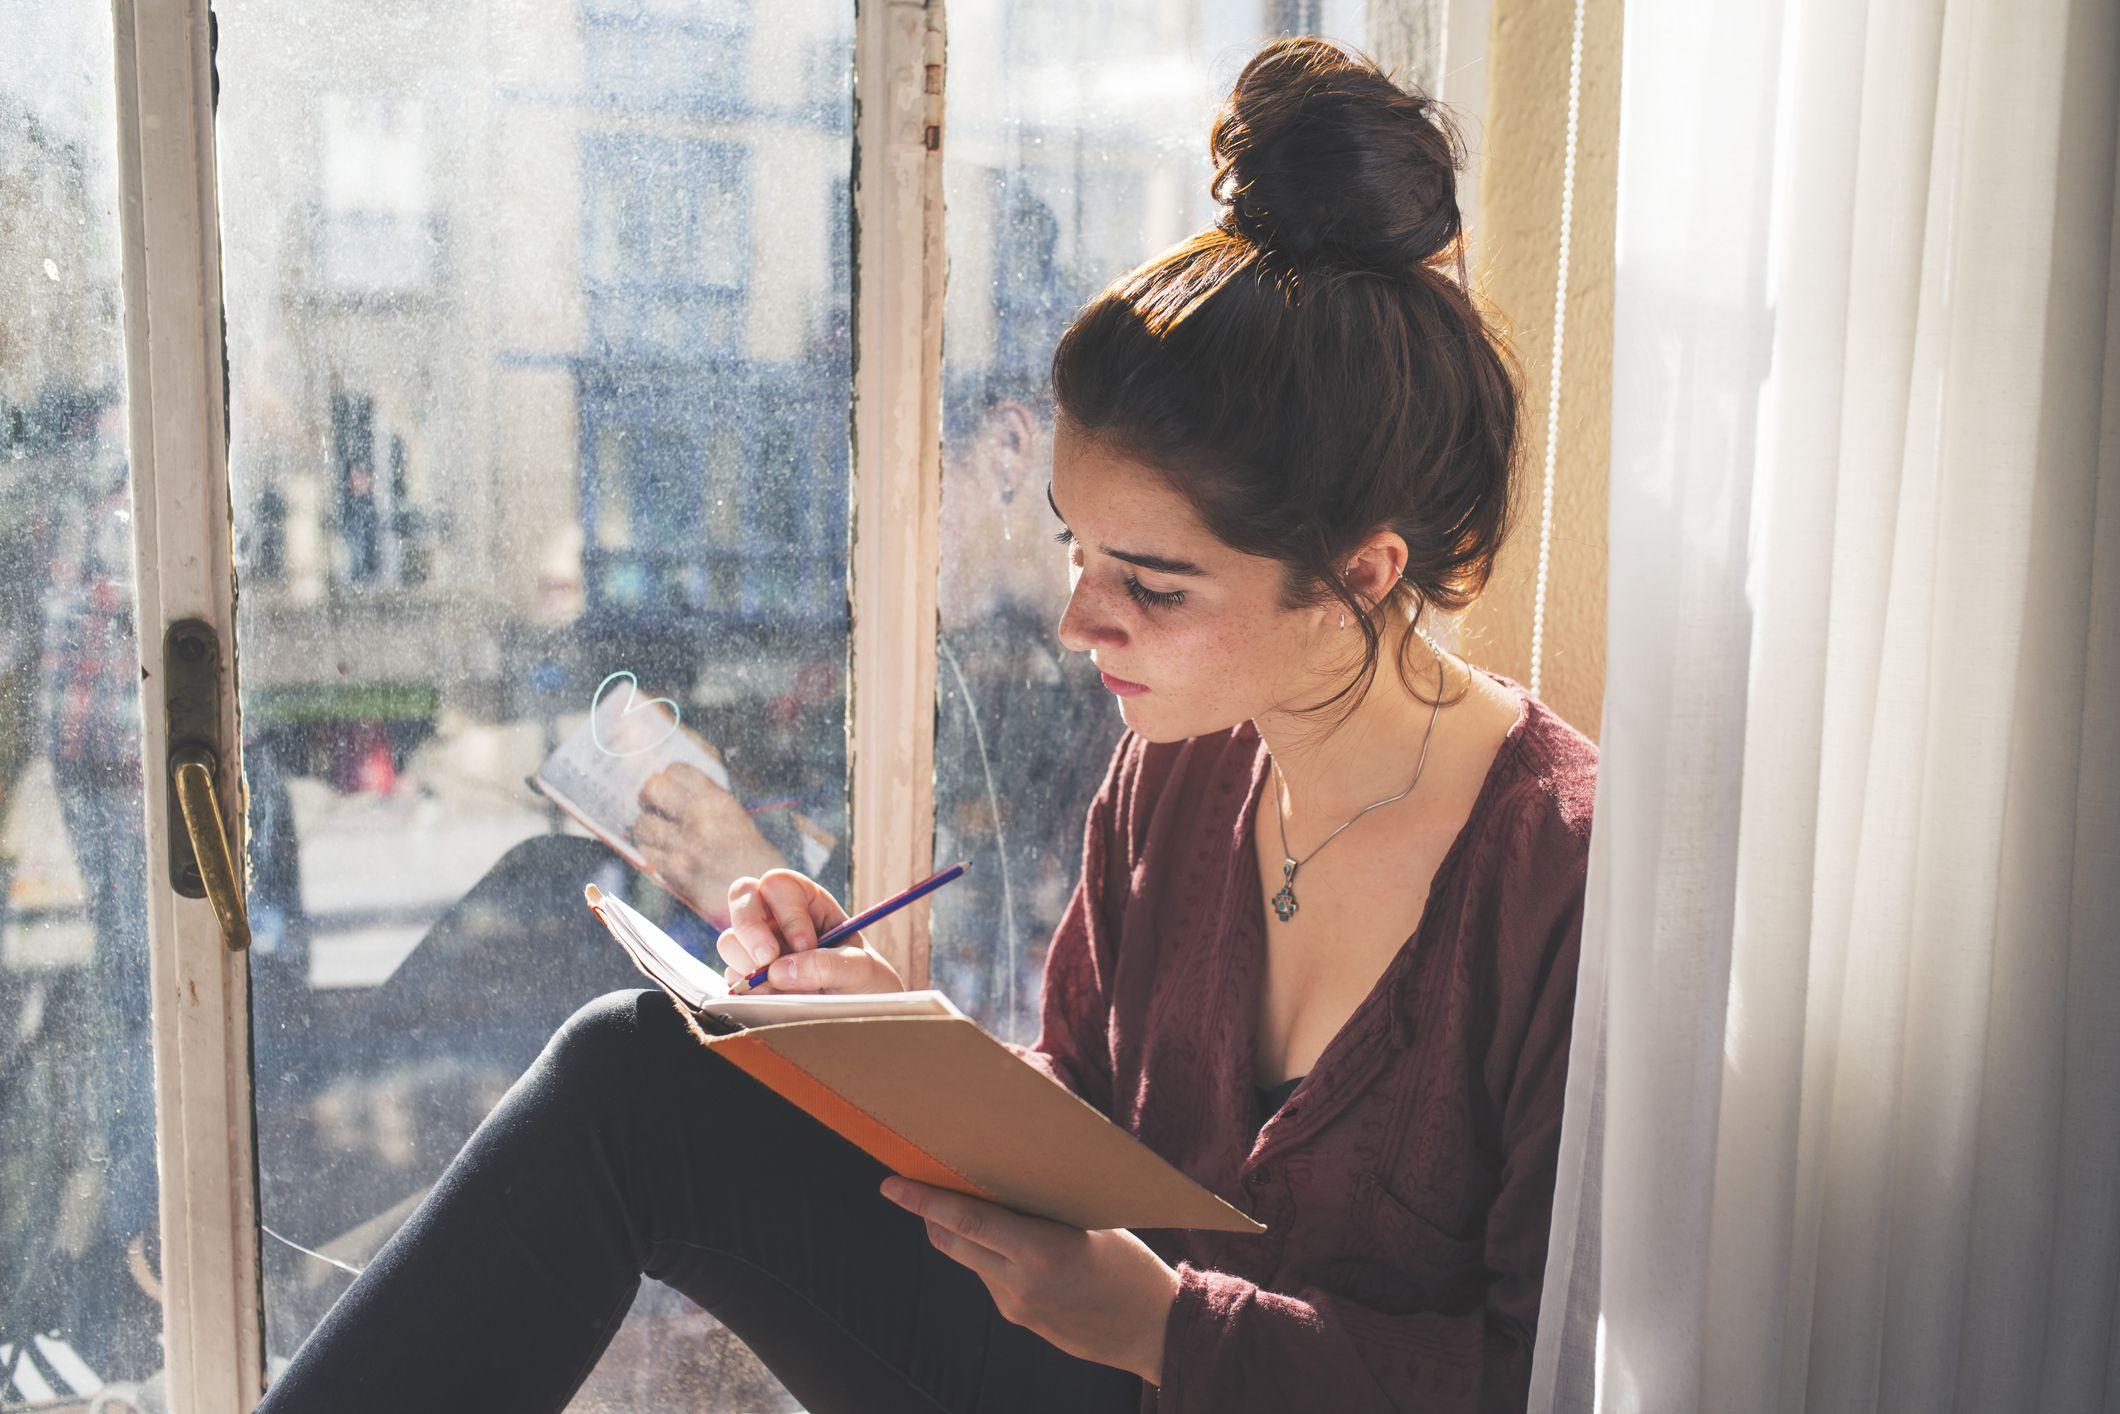 Sogni di scrivere un romanzo young adult di successo Paola Zannoner ti rivela i suoi segreti